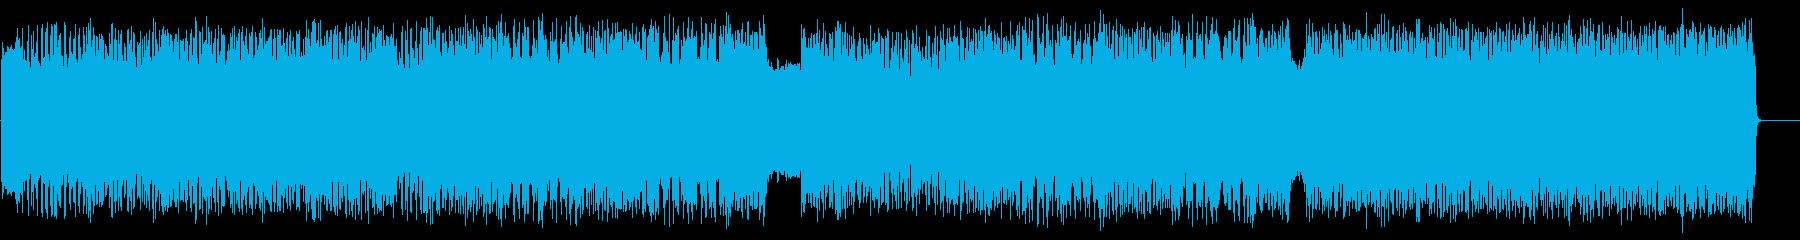 風が駆け抜けるロック(フルサイズ)の再生済みの波形